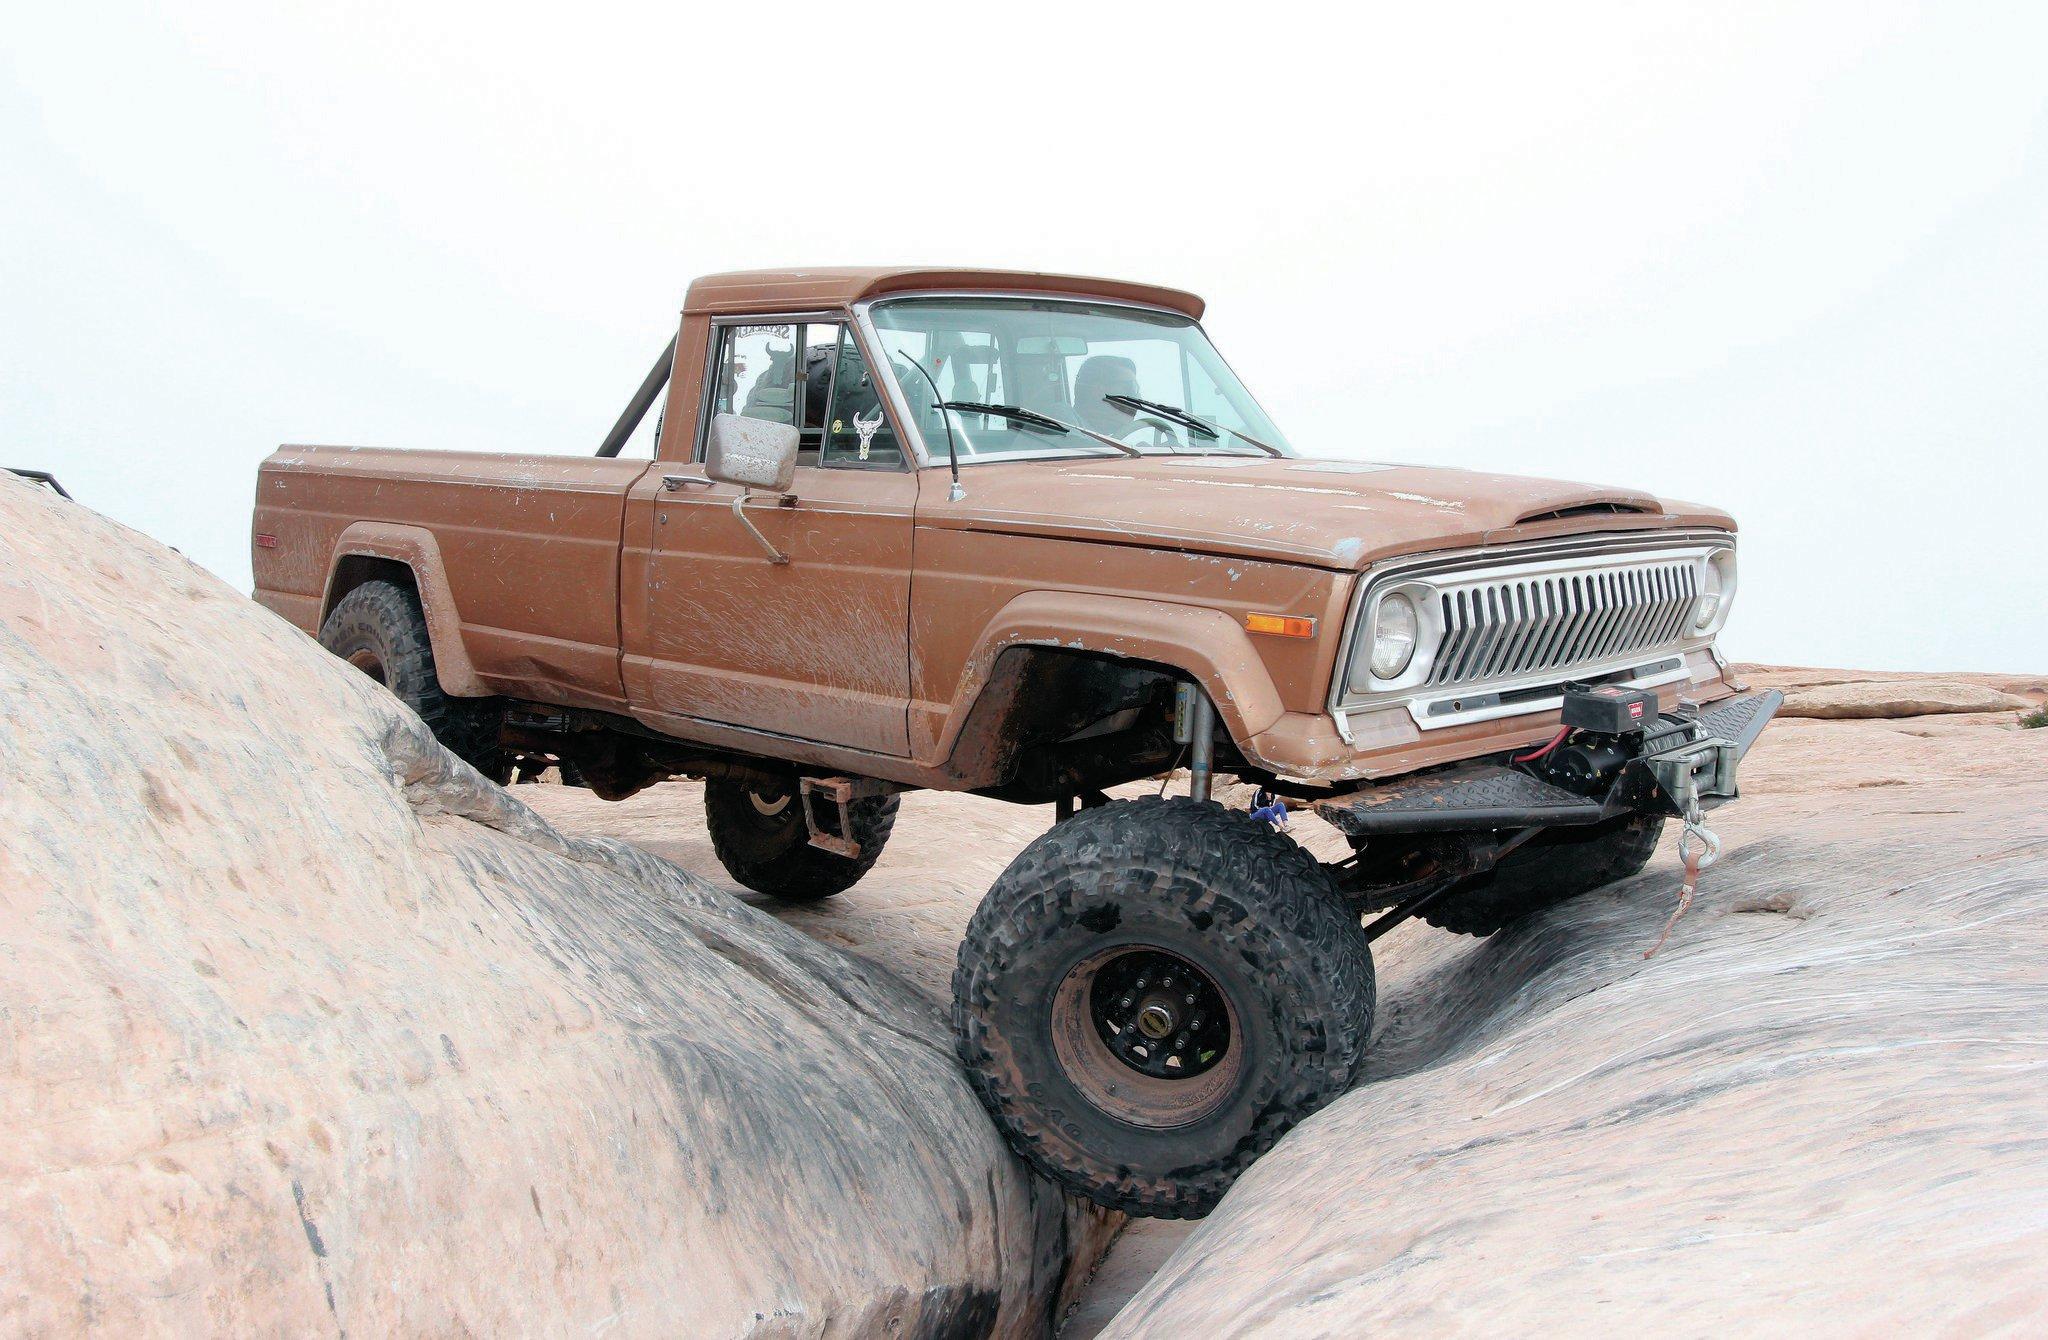 1973 Jeep J Truck front three quarter